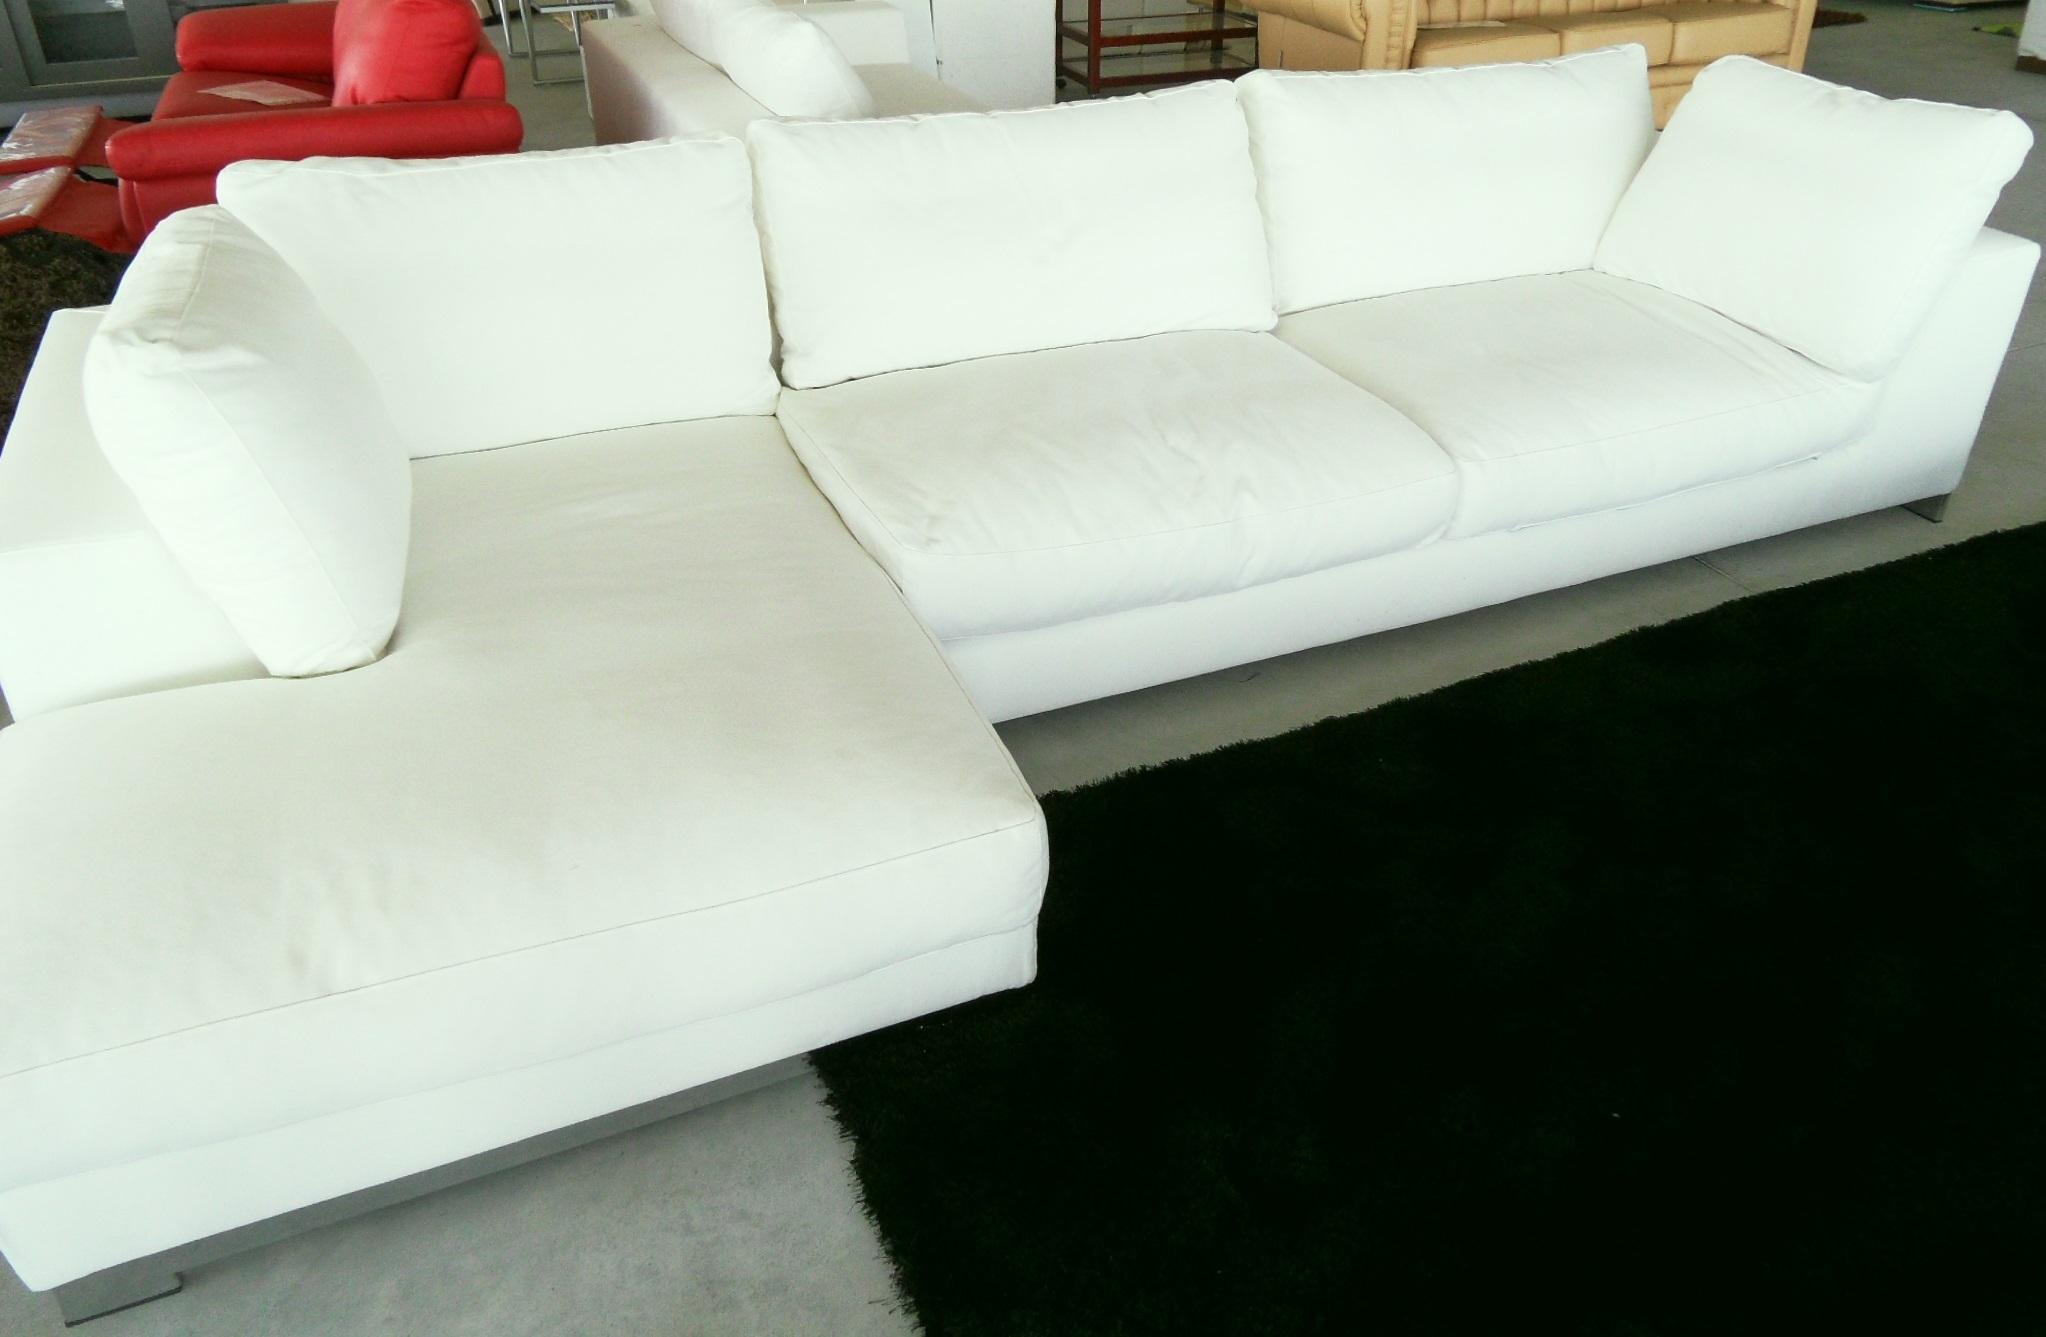 divano angolare scontato del 40% - divani a prezzi scontati - Bianco Dangolo Divano